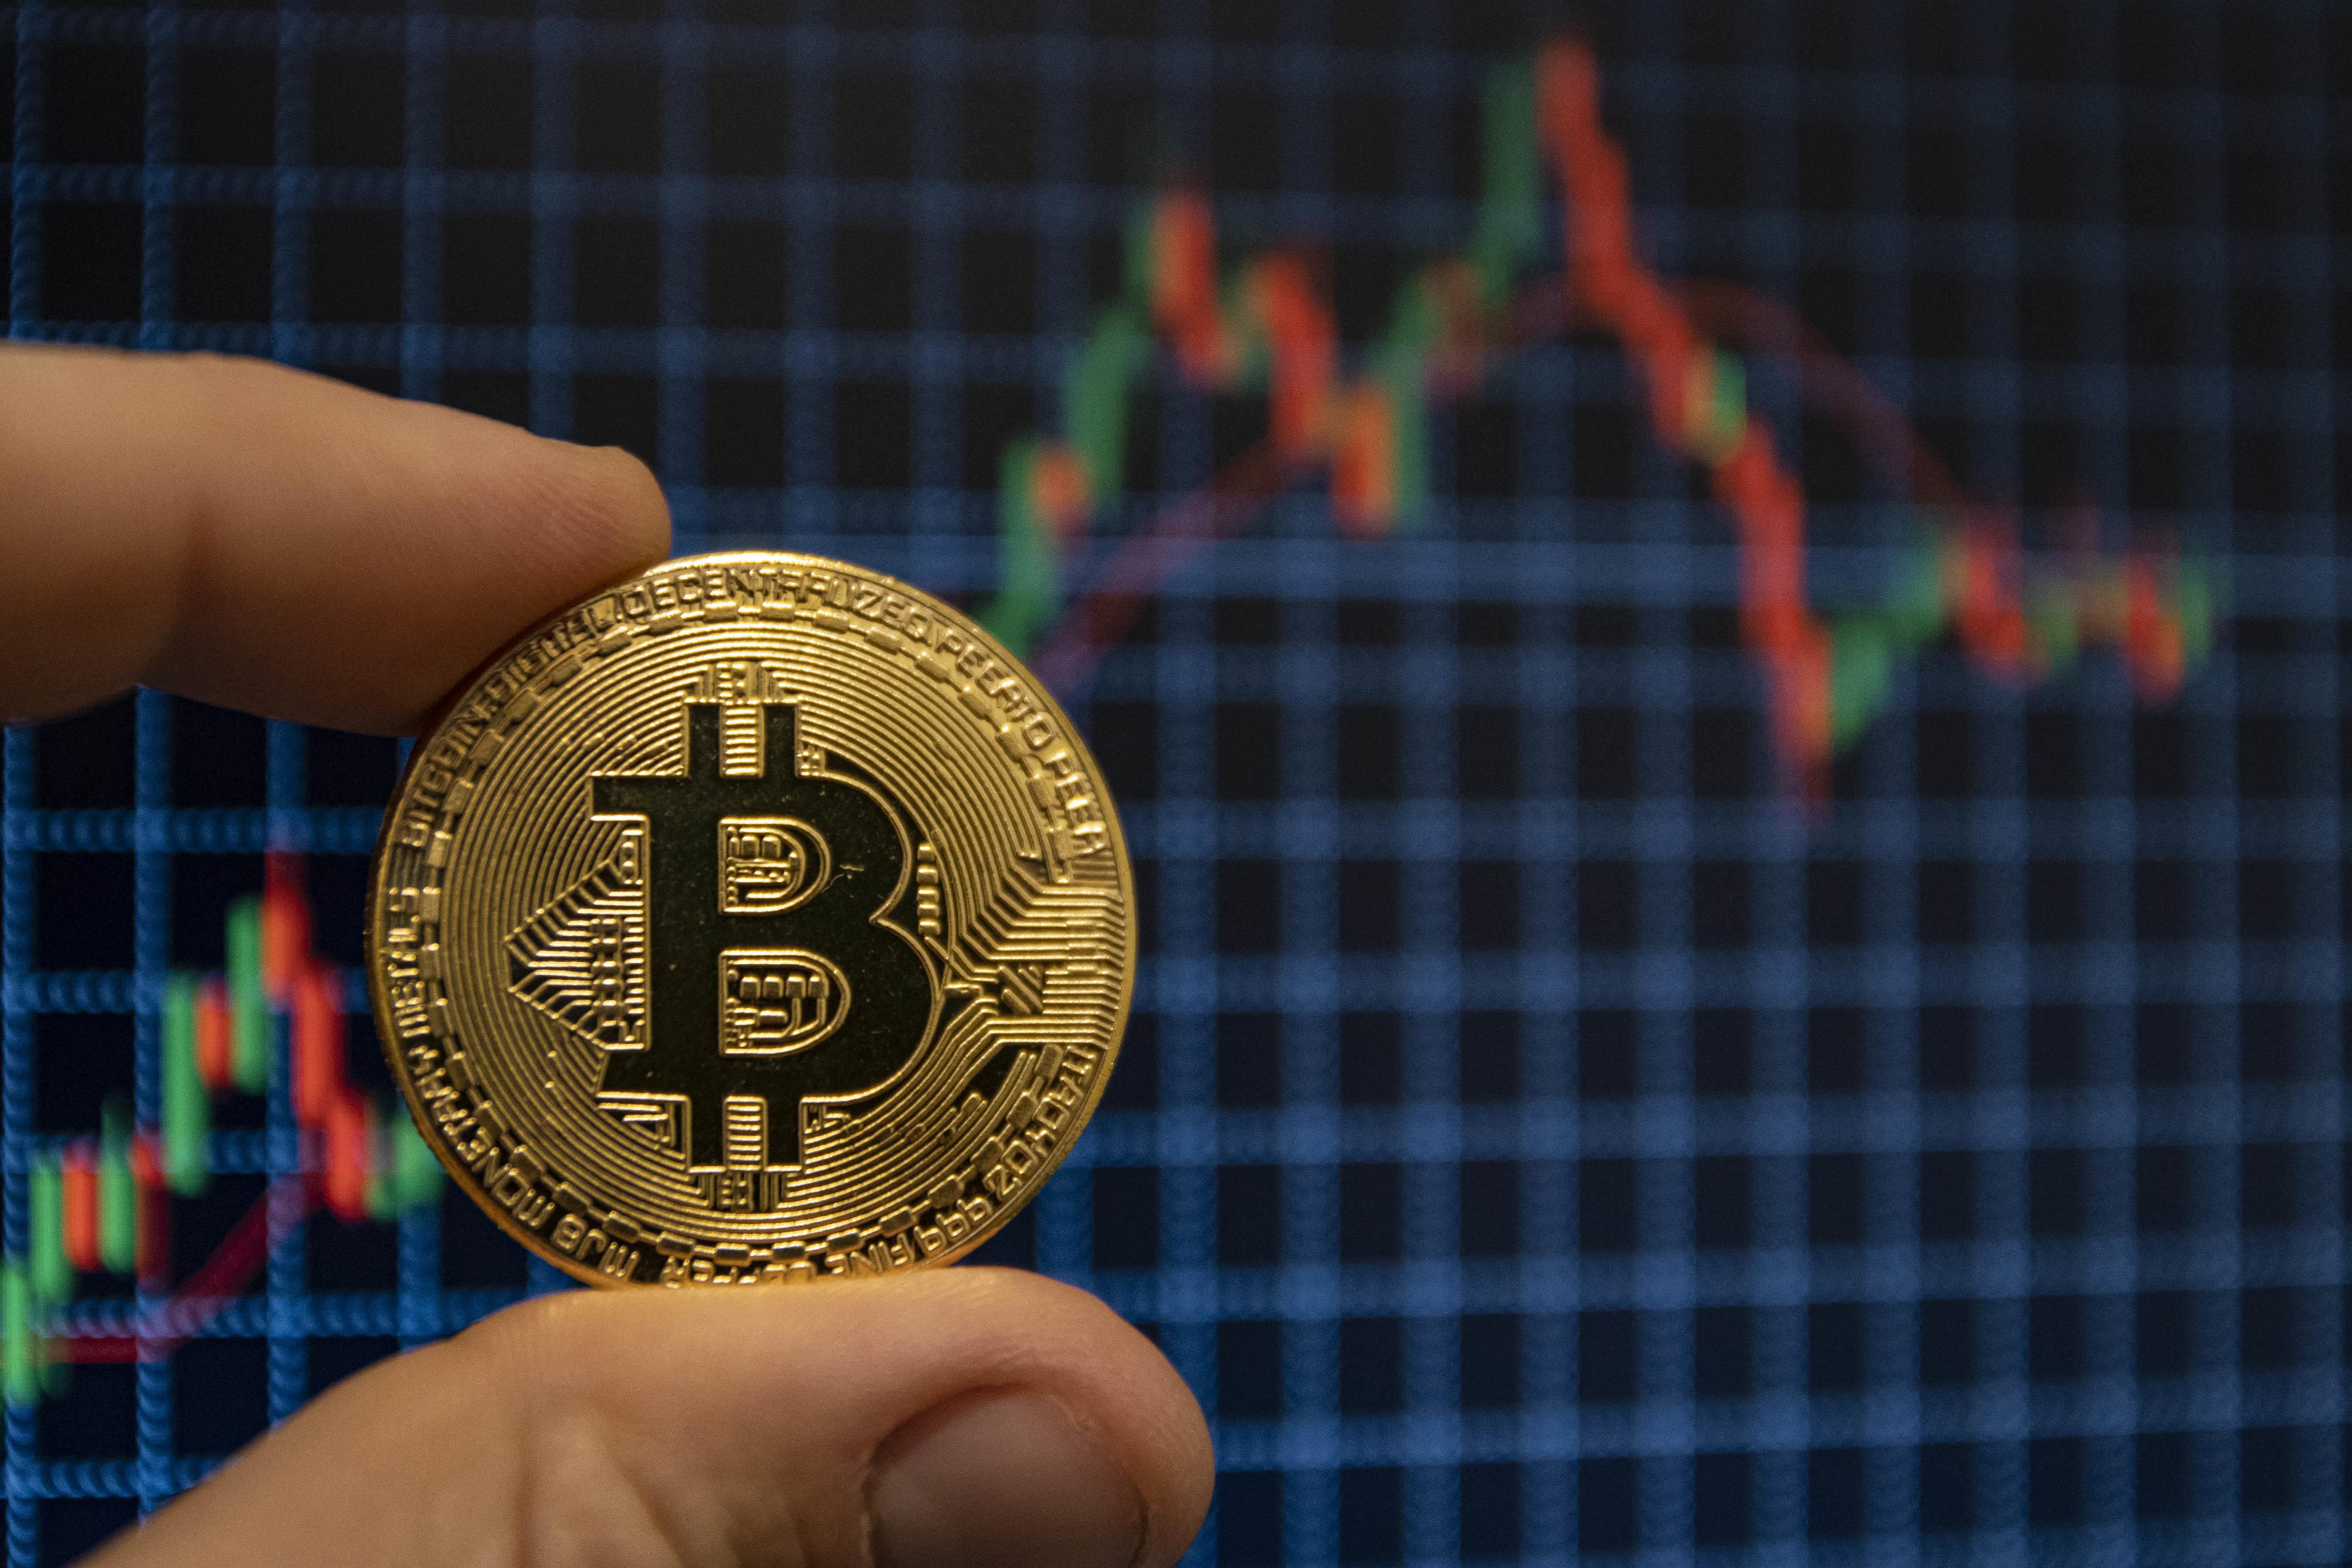 kako trguje s bitcoinima za koliko služi sobarica kripto valuta?